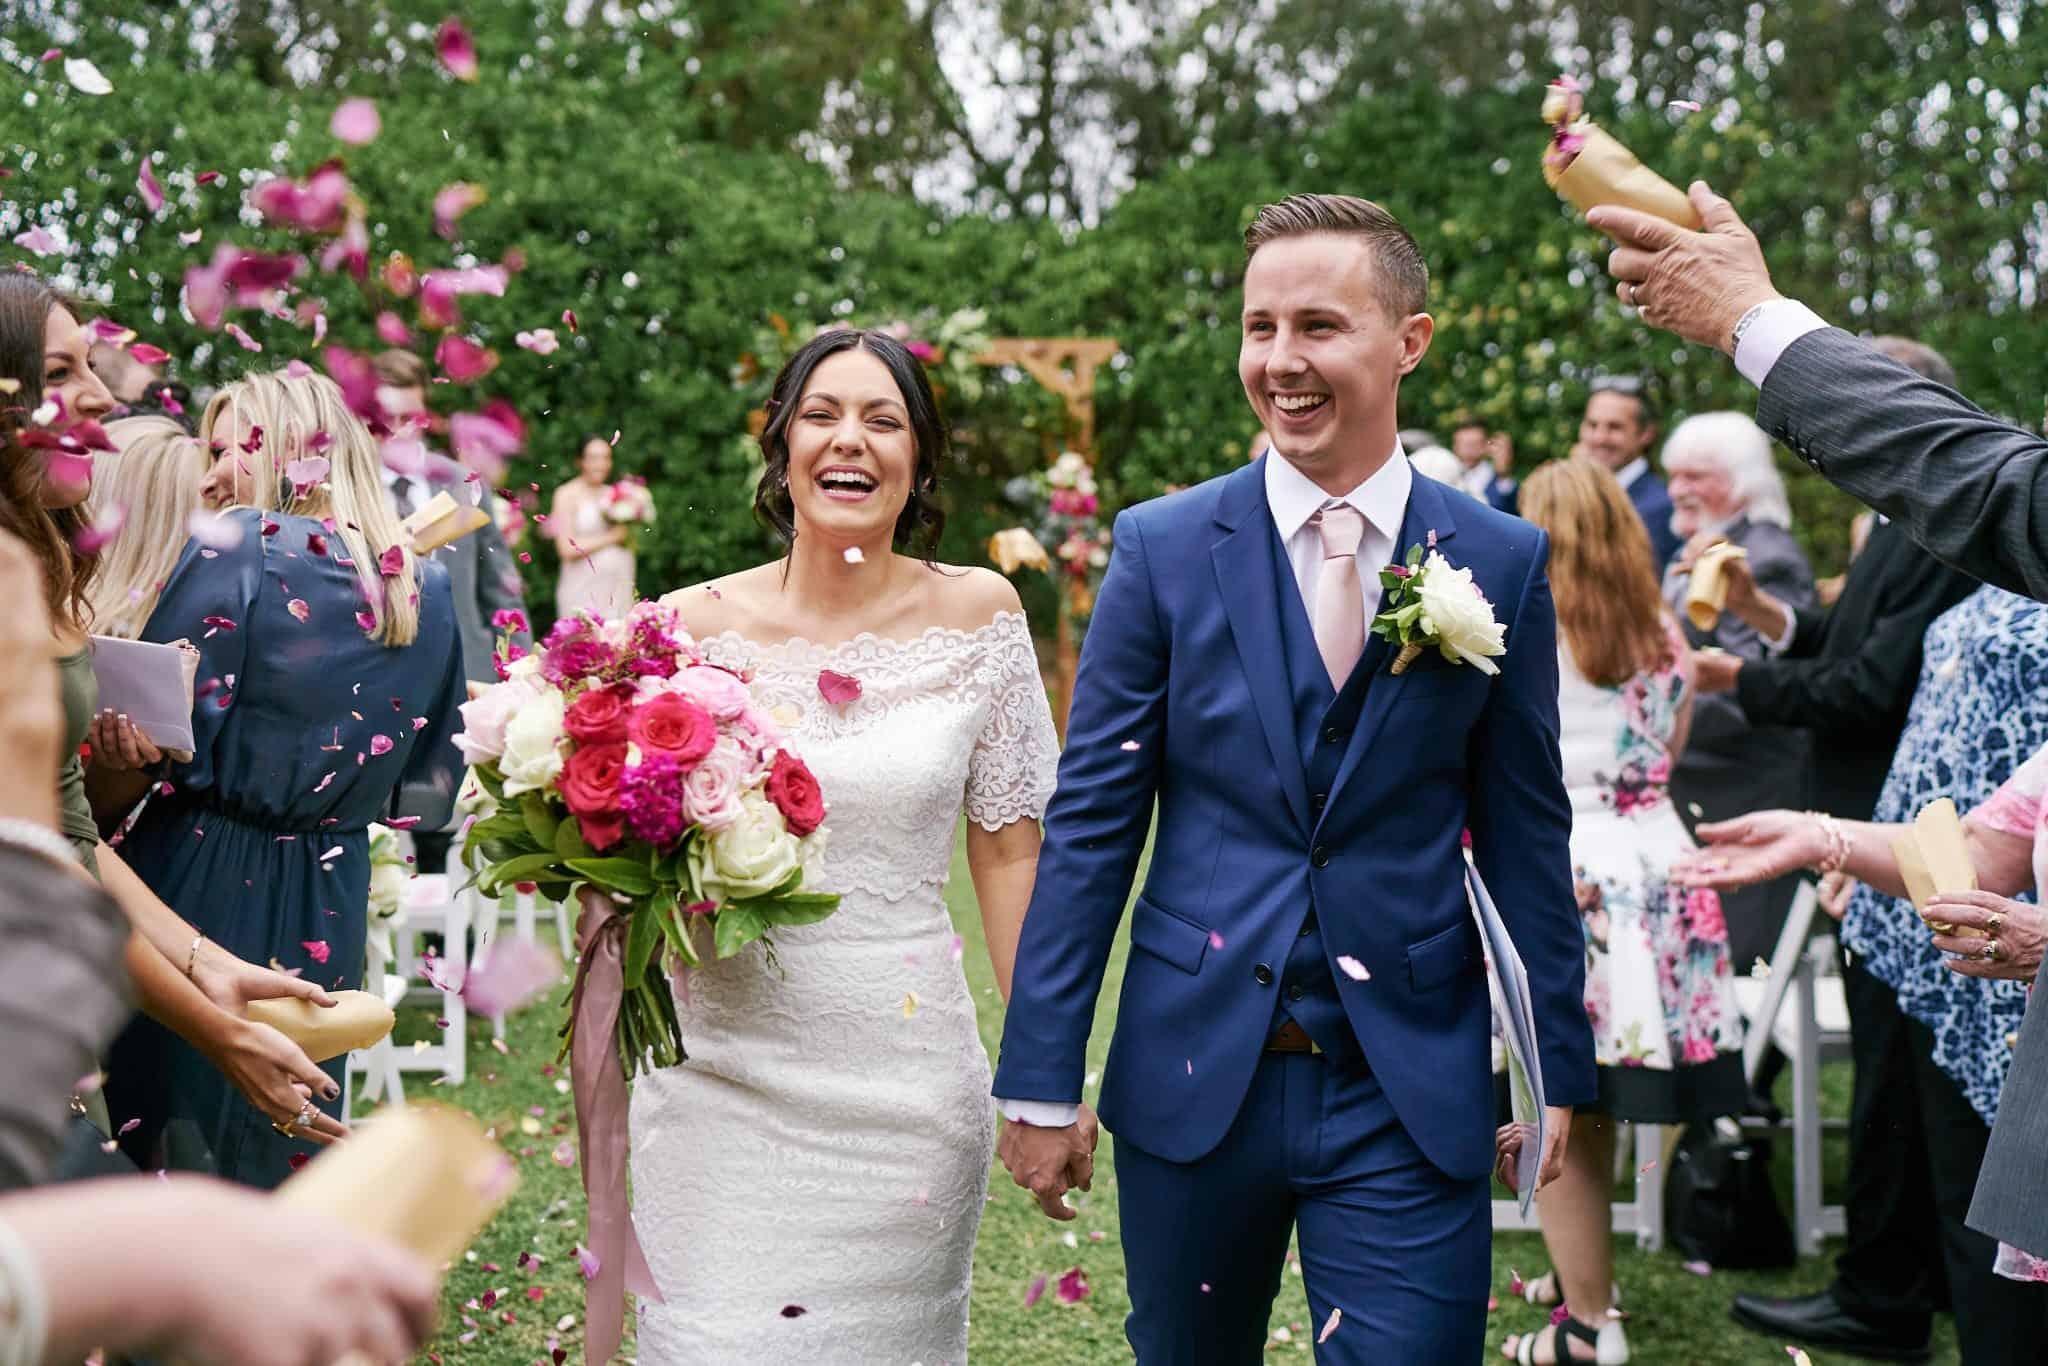 adam_adele_burnham_grove_wedding0050-2048x1366.jpg